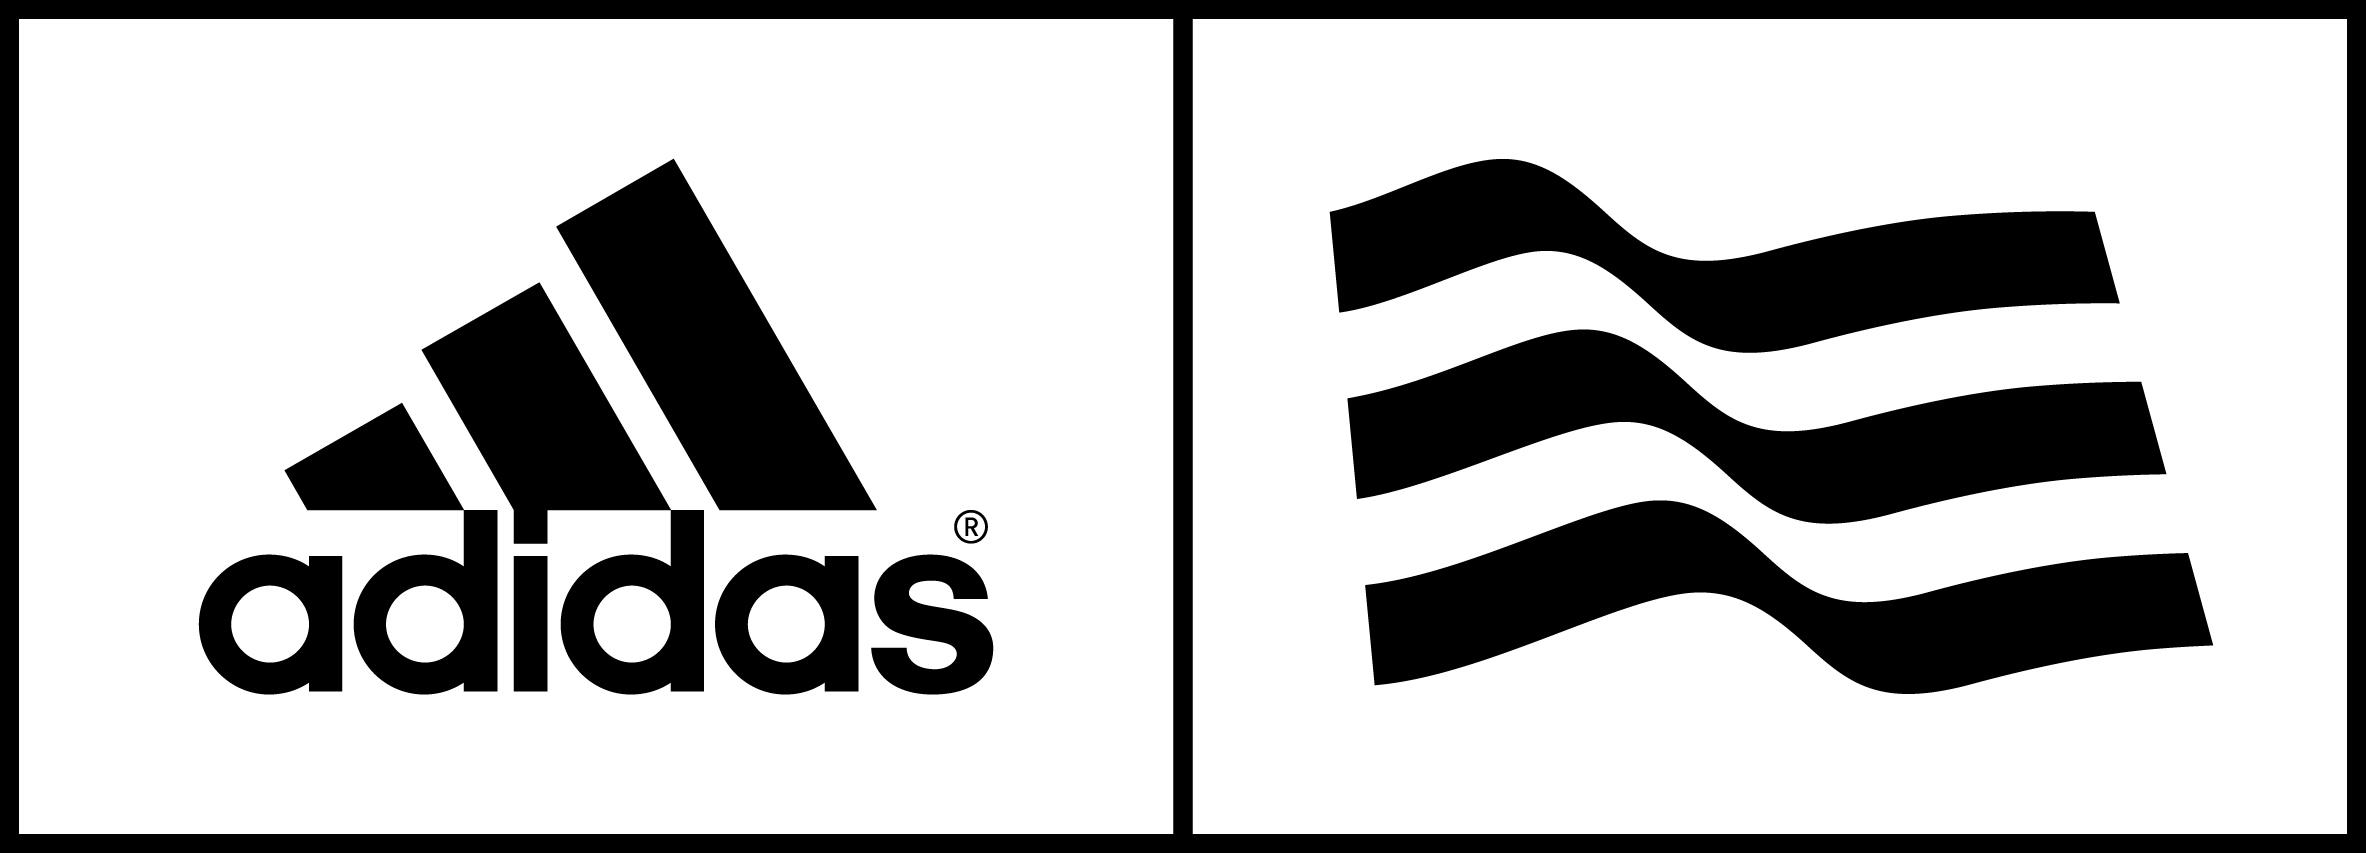 Adidas-Golf-Company-Logo.jpg